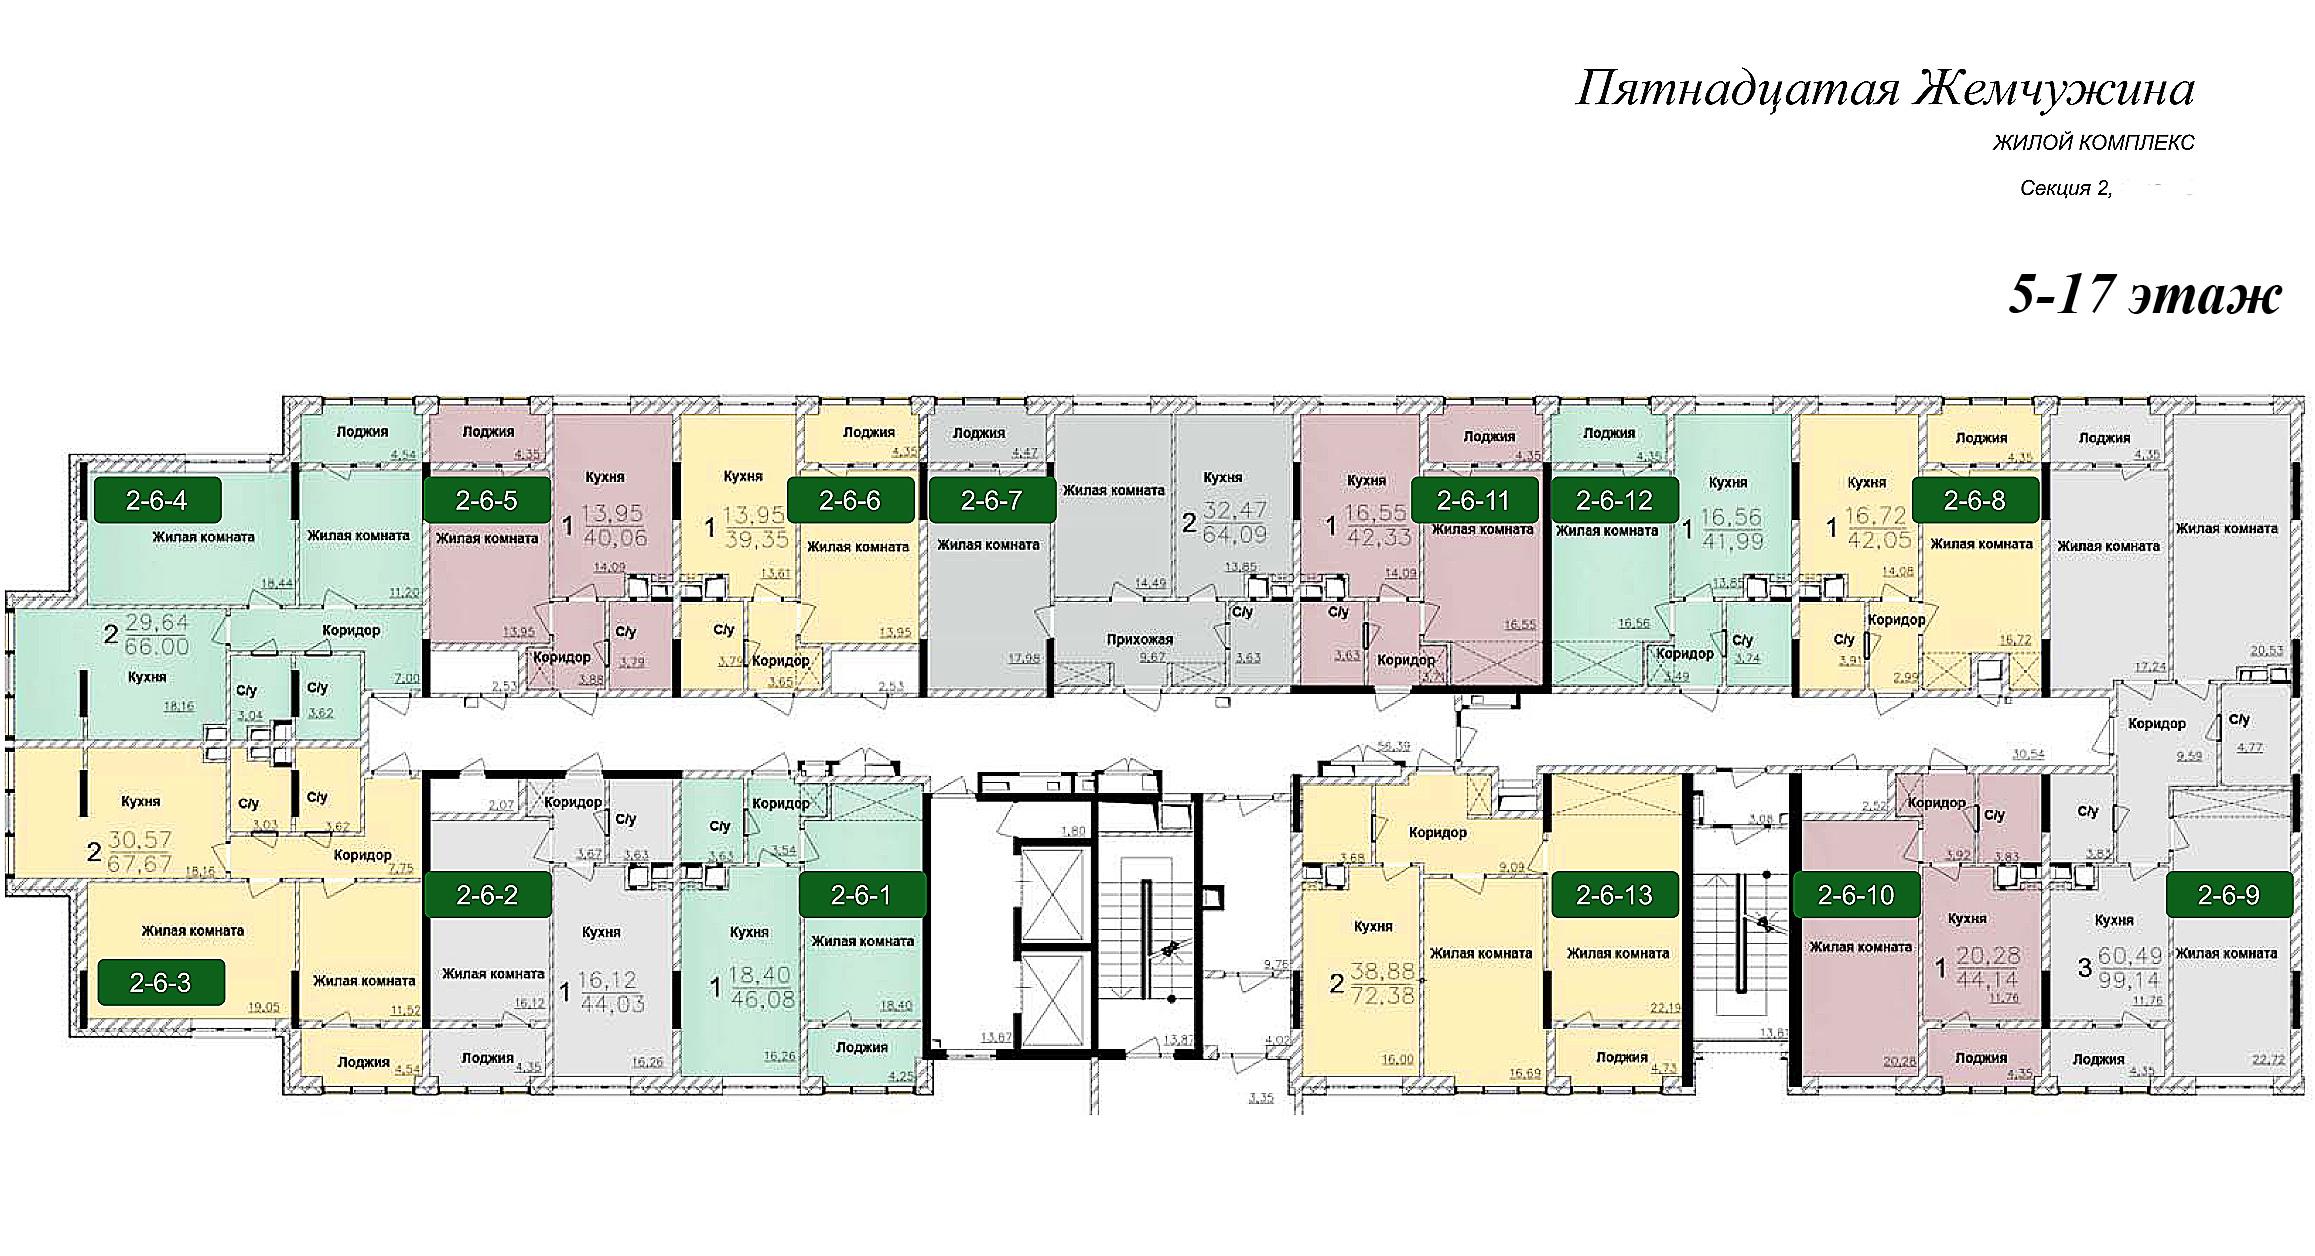 Кадорр, 15 Жемчужина, Планировка cекция 2, этаж 6-17